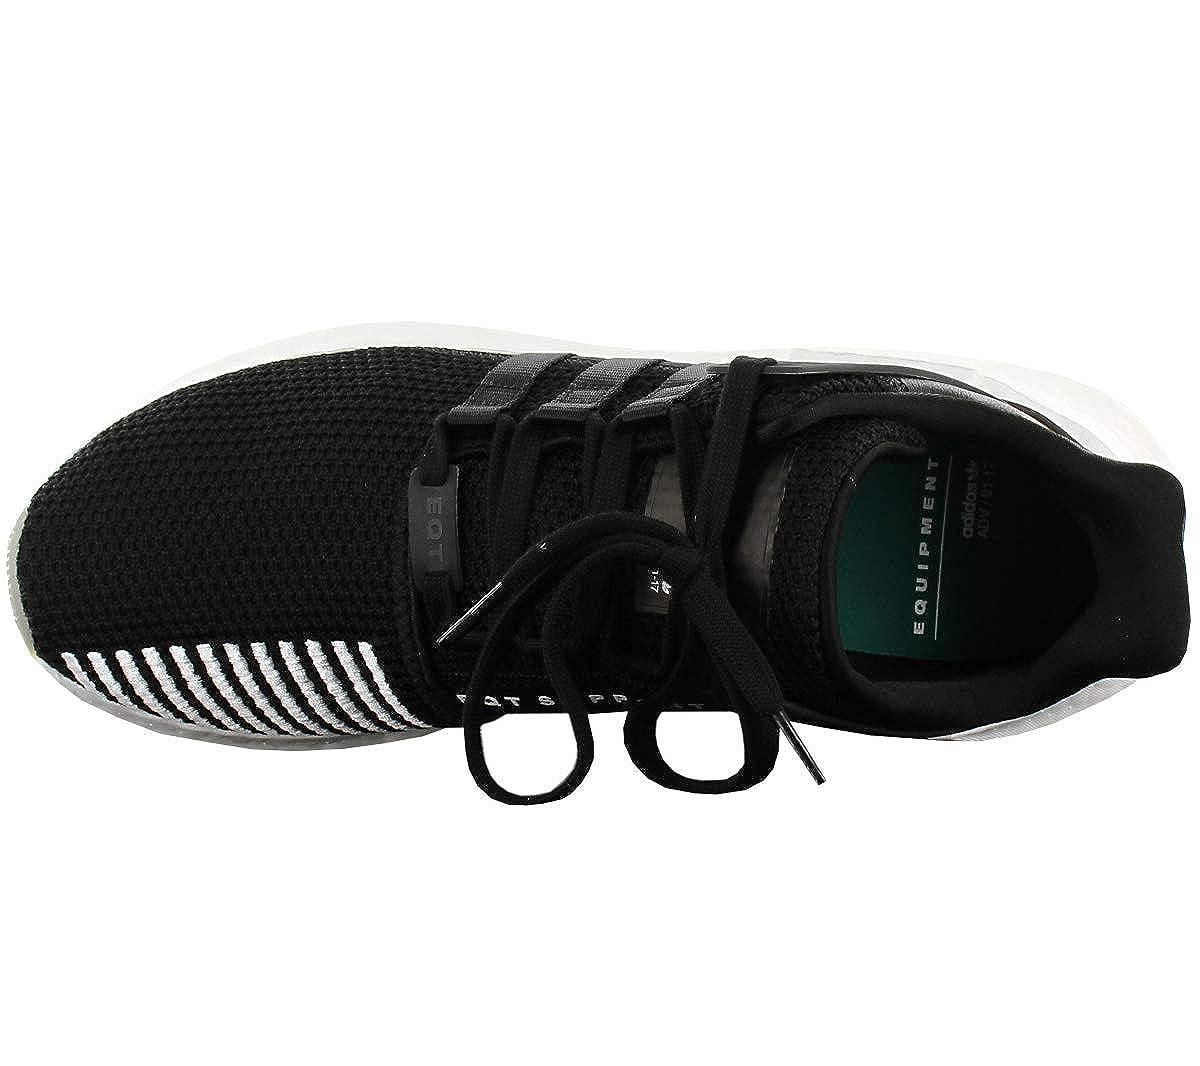 the latest 95b6e 2aca0 adidas EQT Support 9317 Bz0585, Scarpe da Fitness Uomo Amazon.it Scarpe  e borse